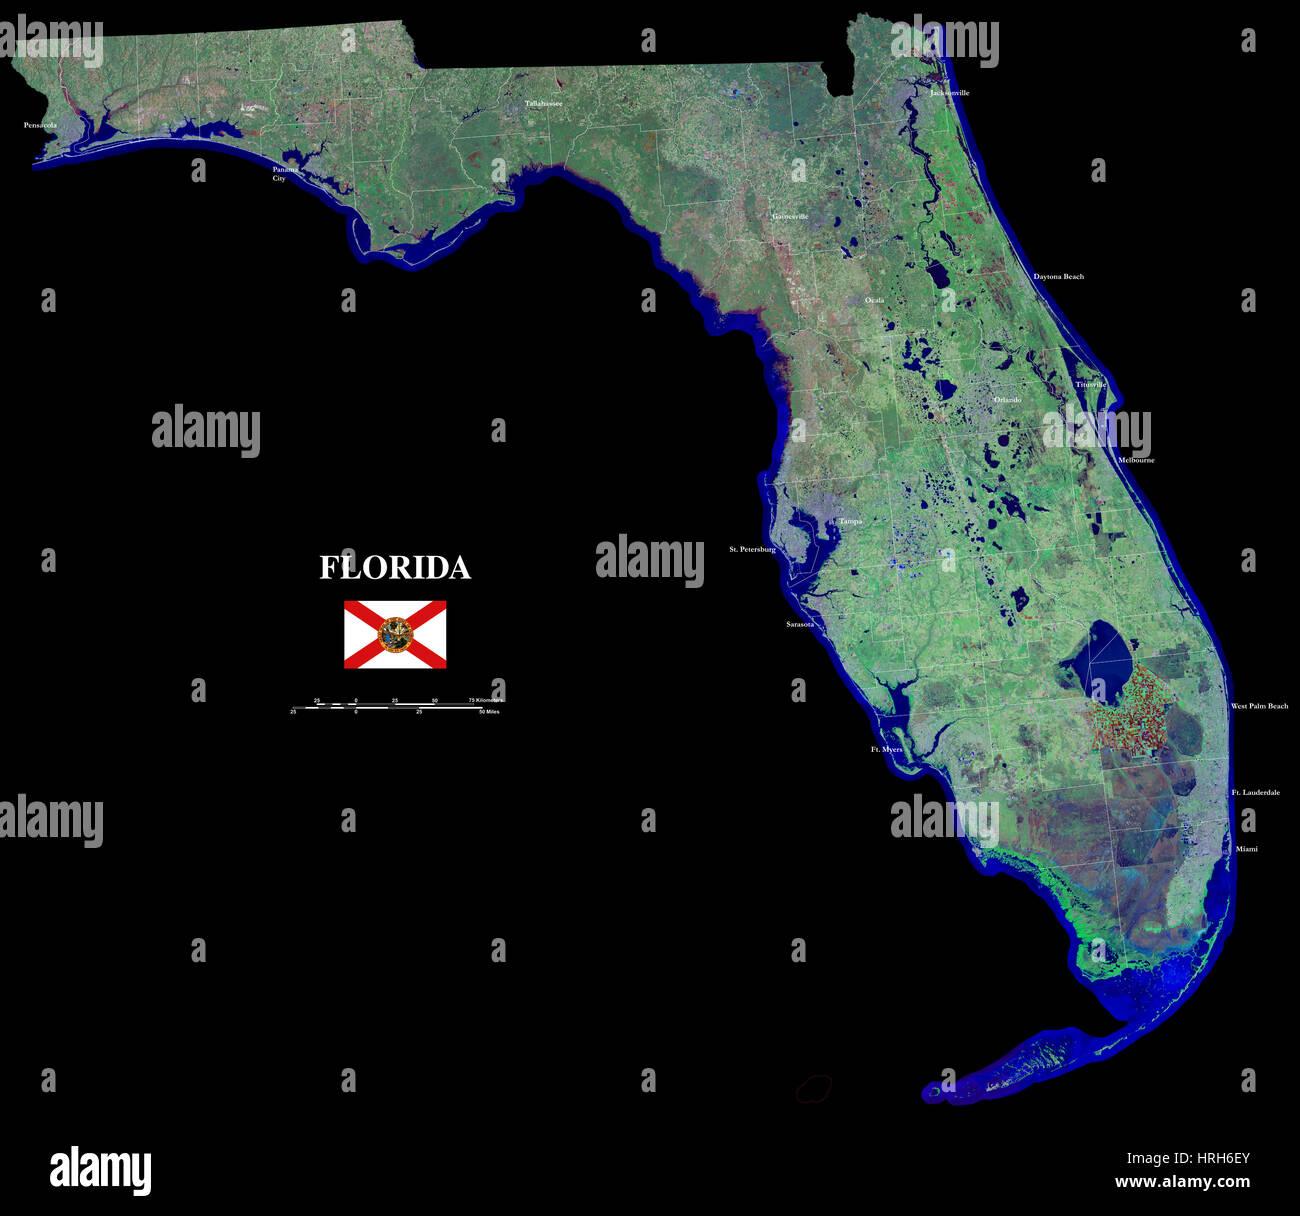 Florida Map Usa Stock Photos Florida Map Usa Stock Images Alamy